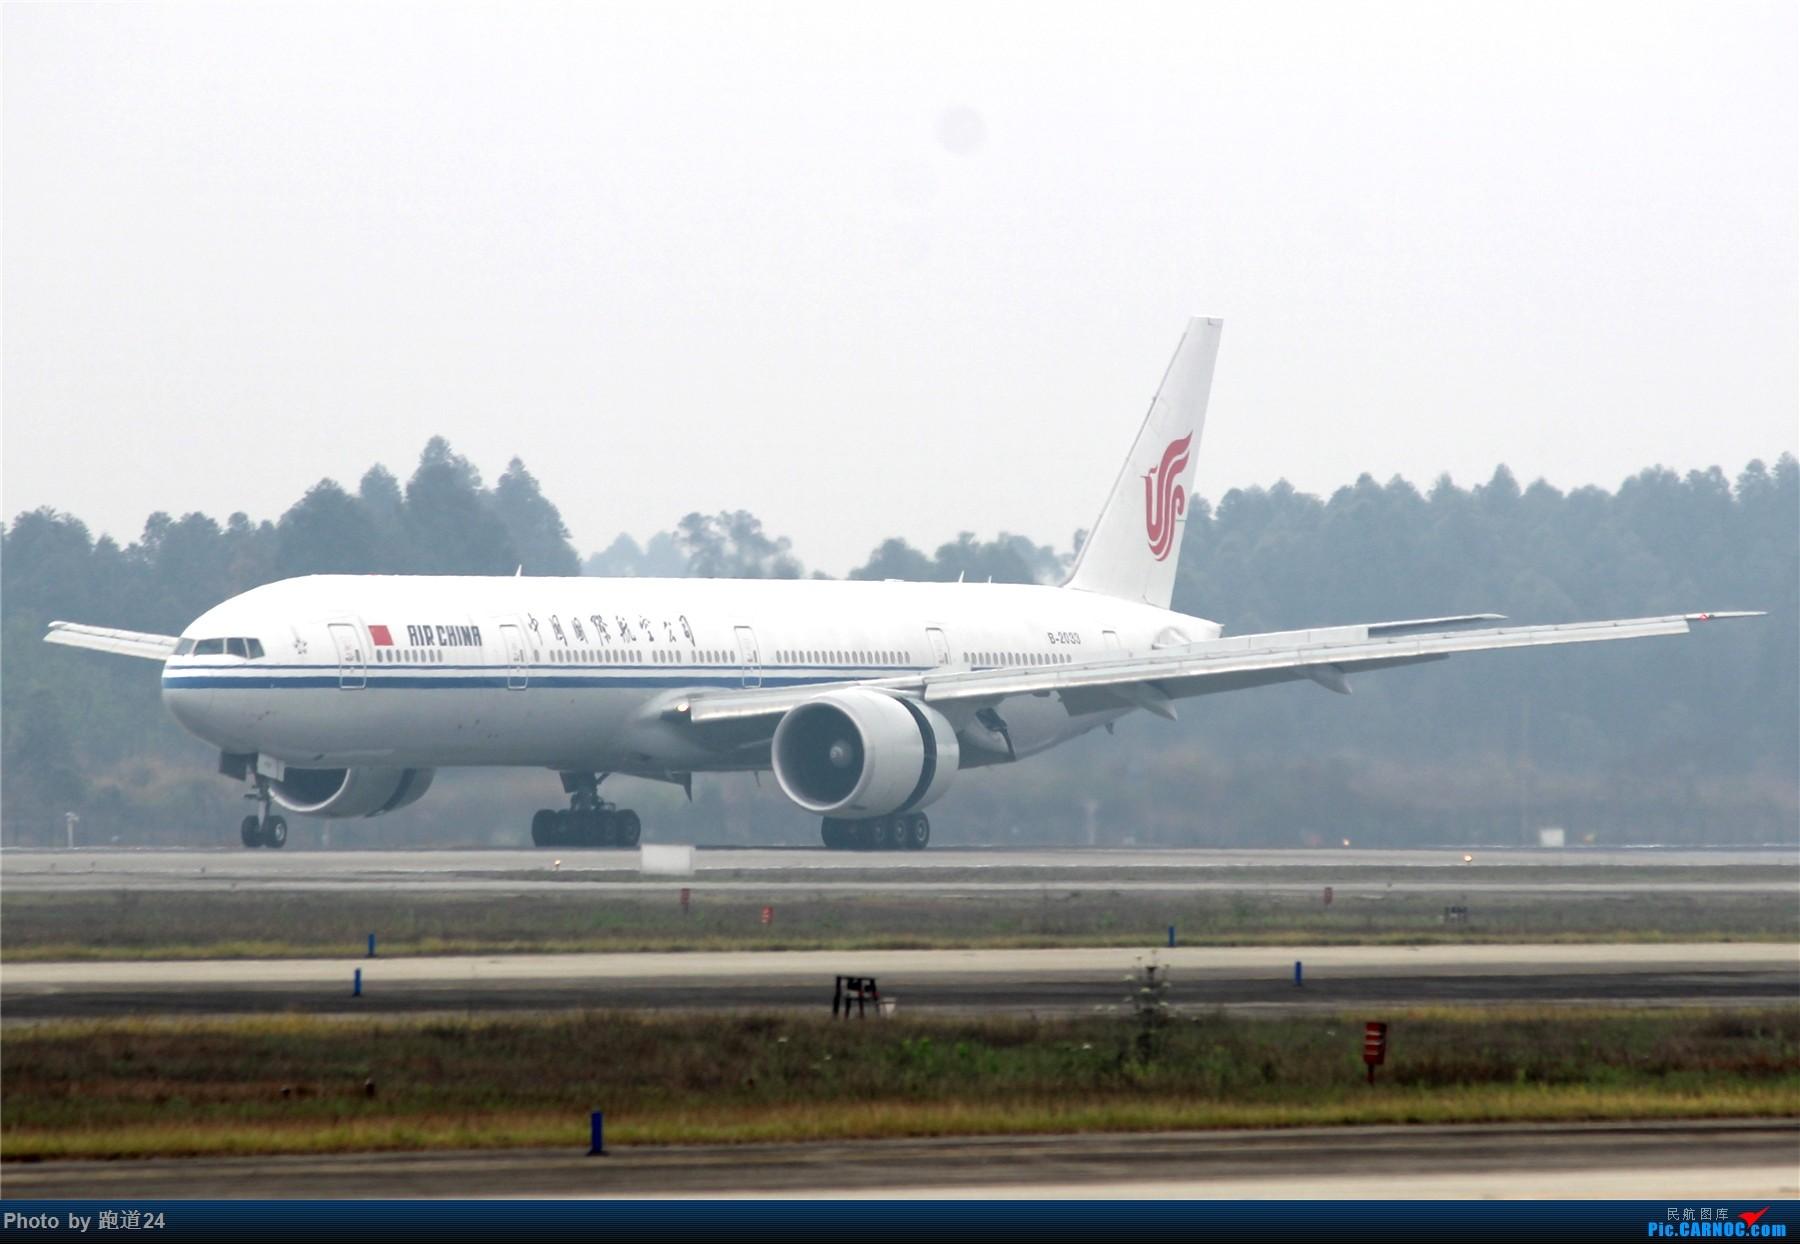 【多图党】AIR CHINA B777-39L[ER] B-2033 1800*1200 BOEING 777-300ER B-2033 中国成都双流国际机场